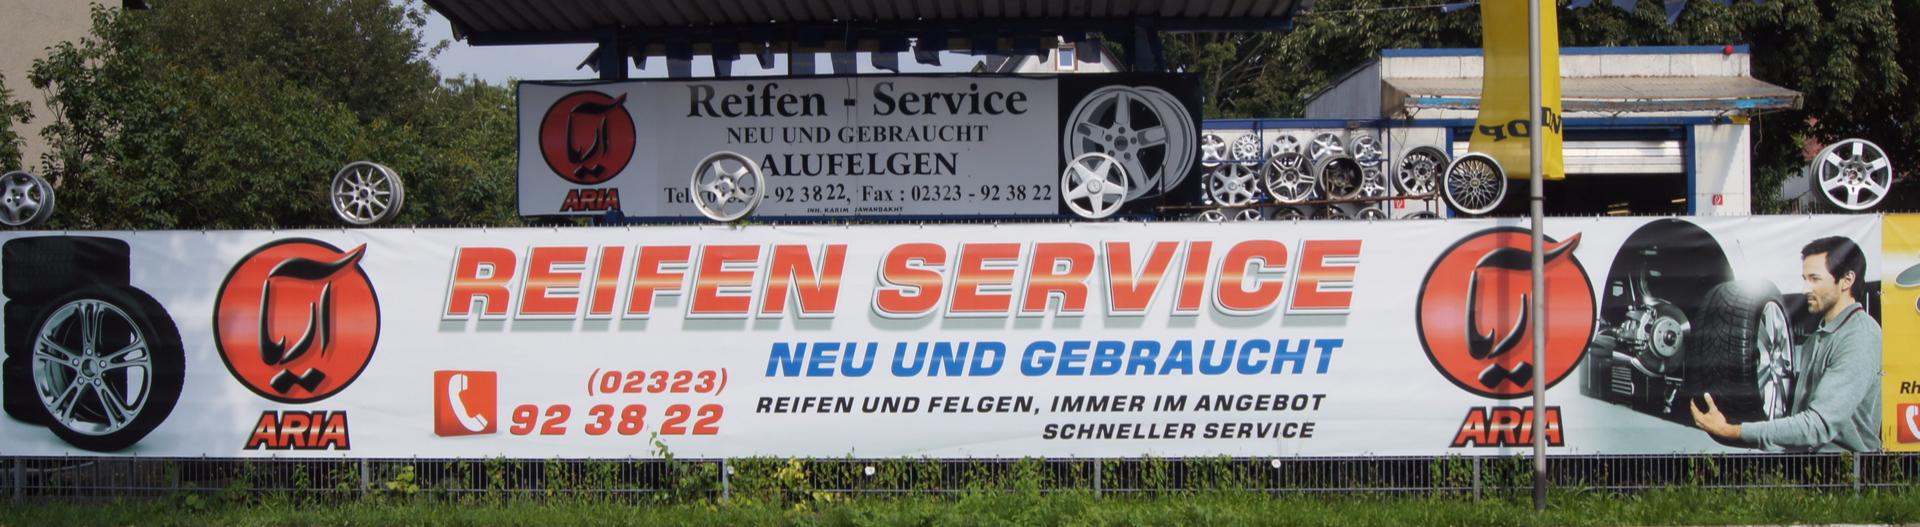 Reifen-Service